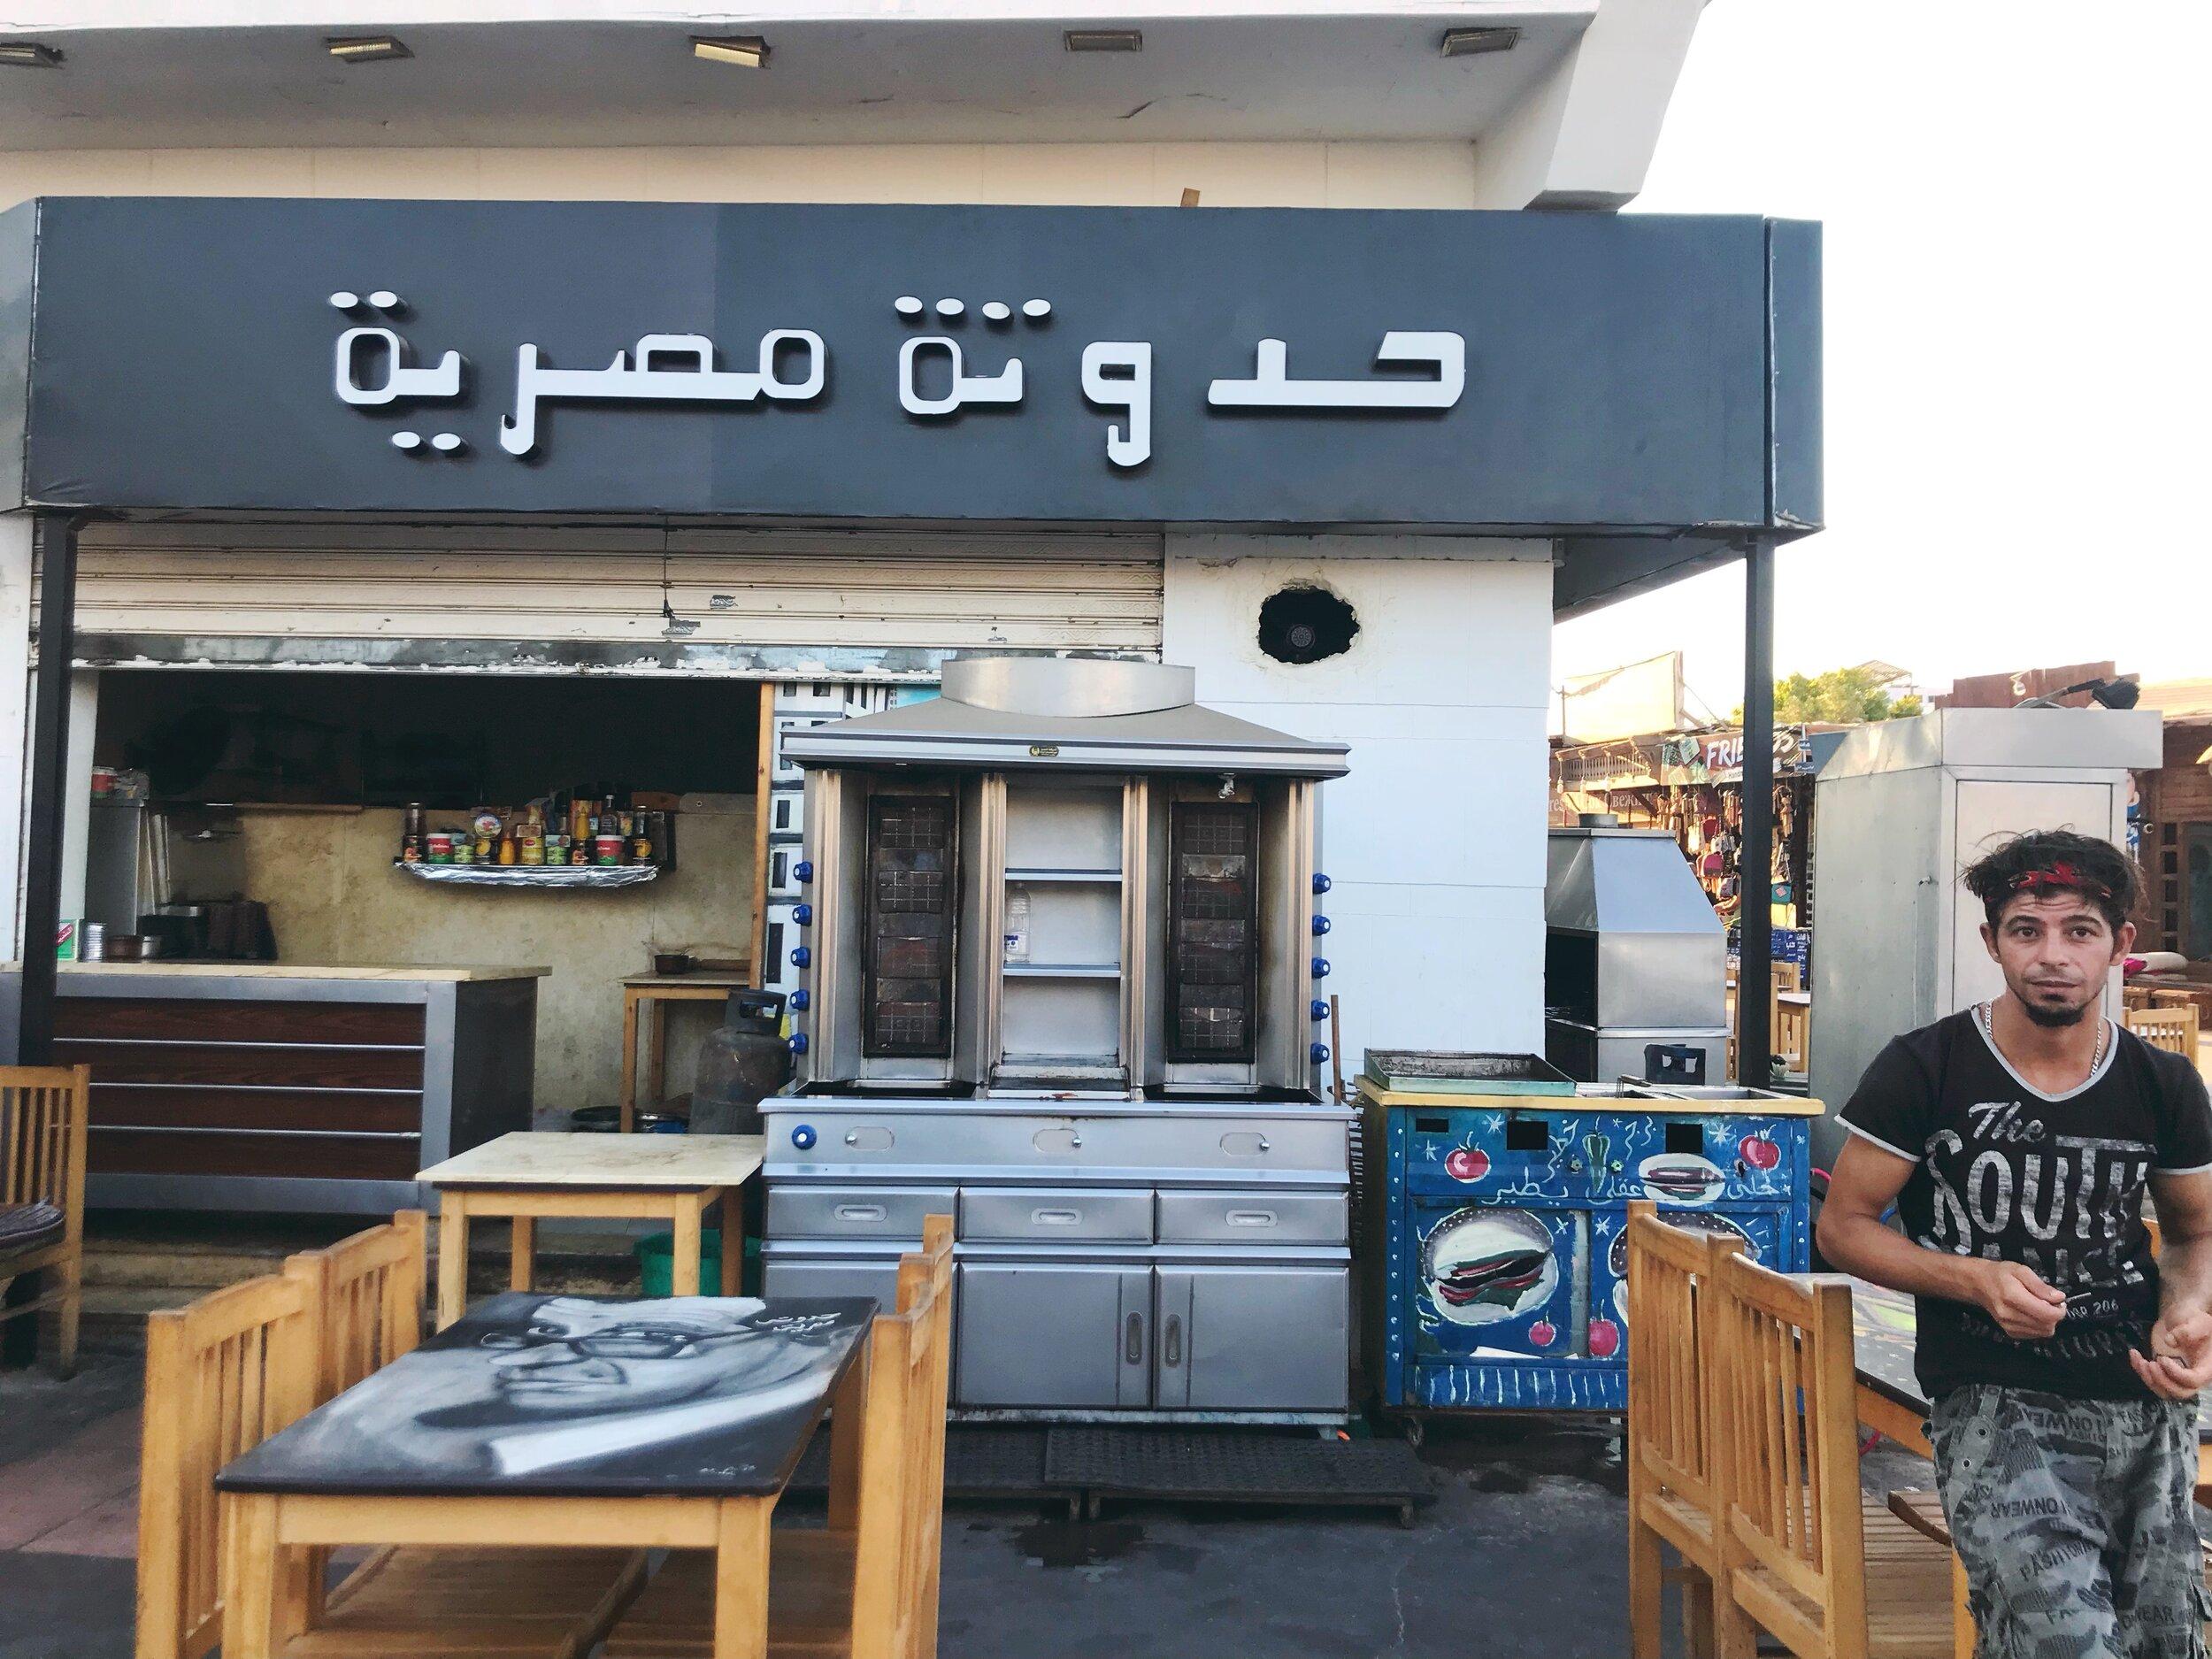 hostel-in-dahab-egypt-family-travel-blogger-negra-bohemian